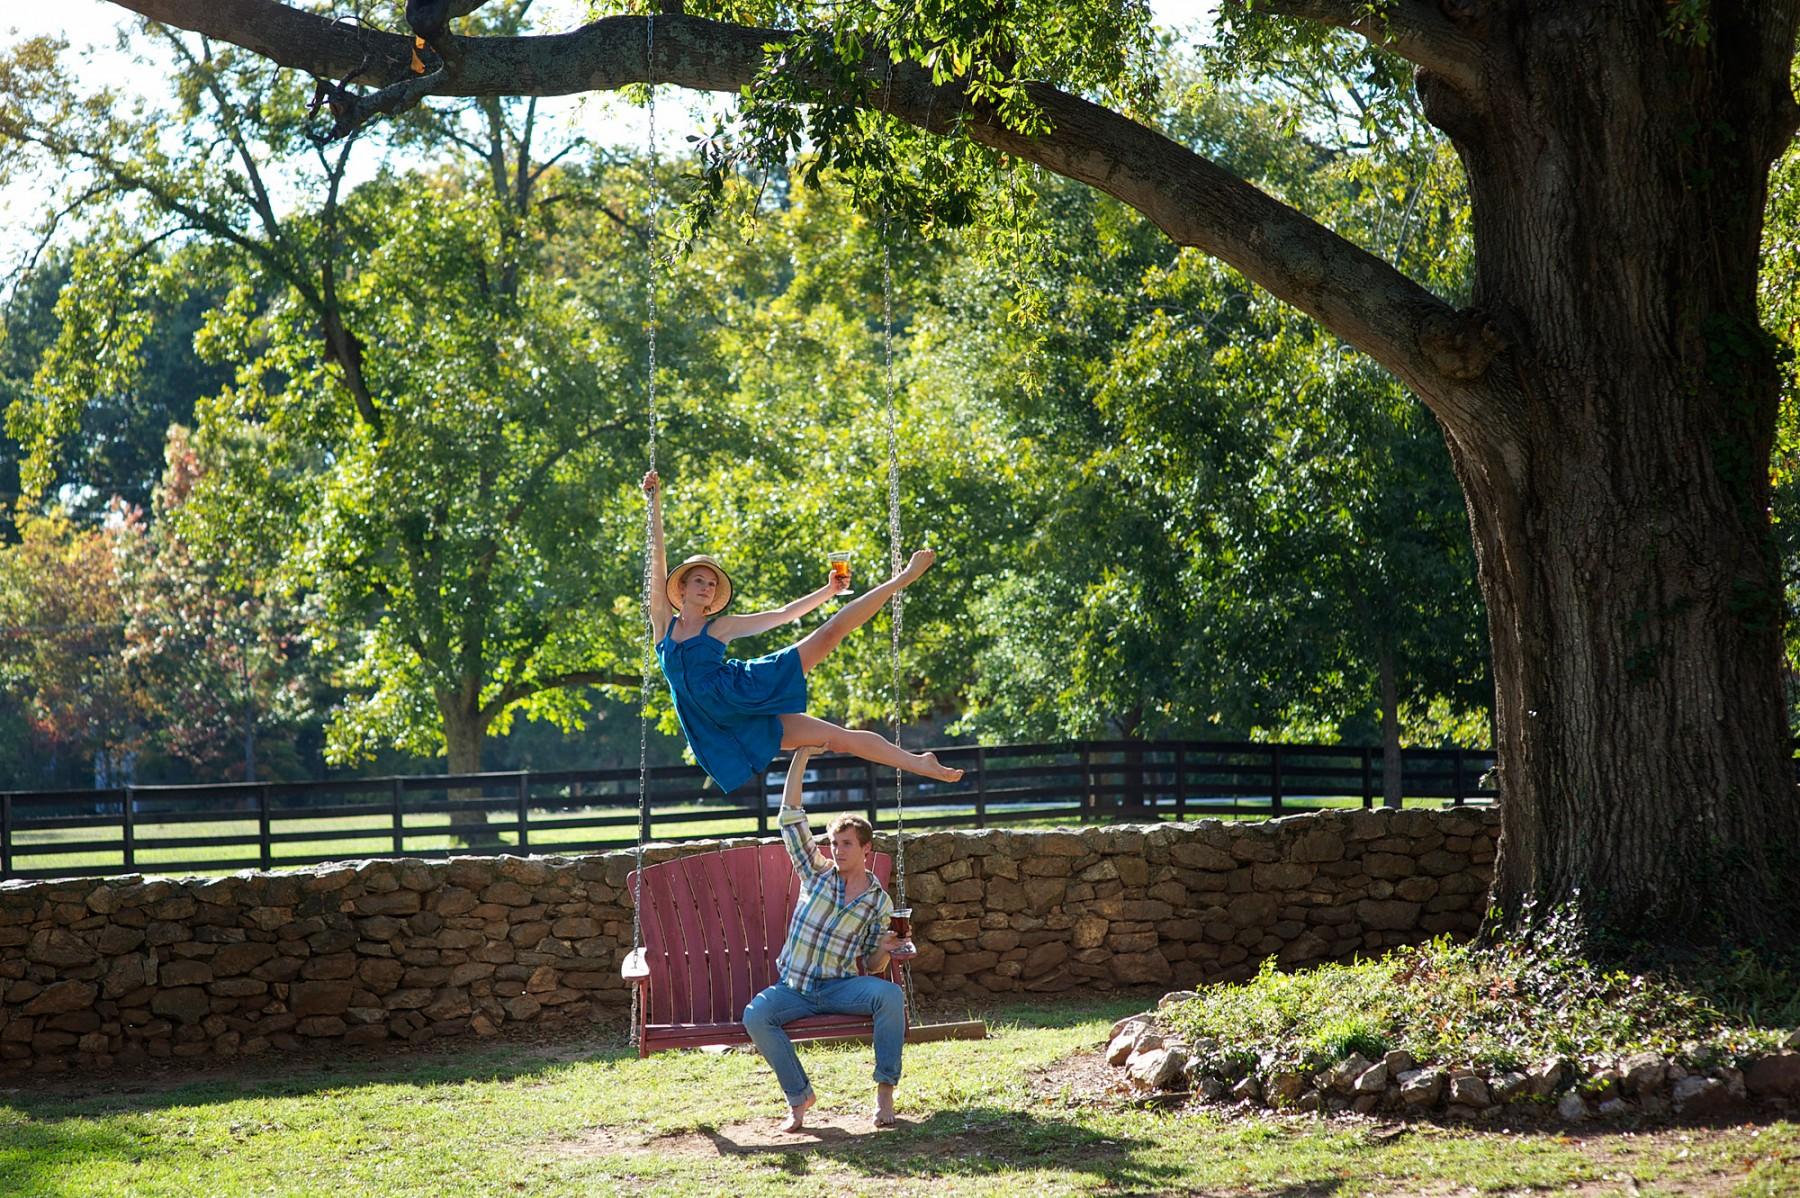 Dancers-Among-Us-in-Madison-GA-Jacob-Bush-and-Claire-Stallman